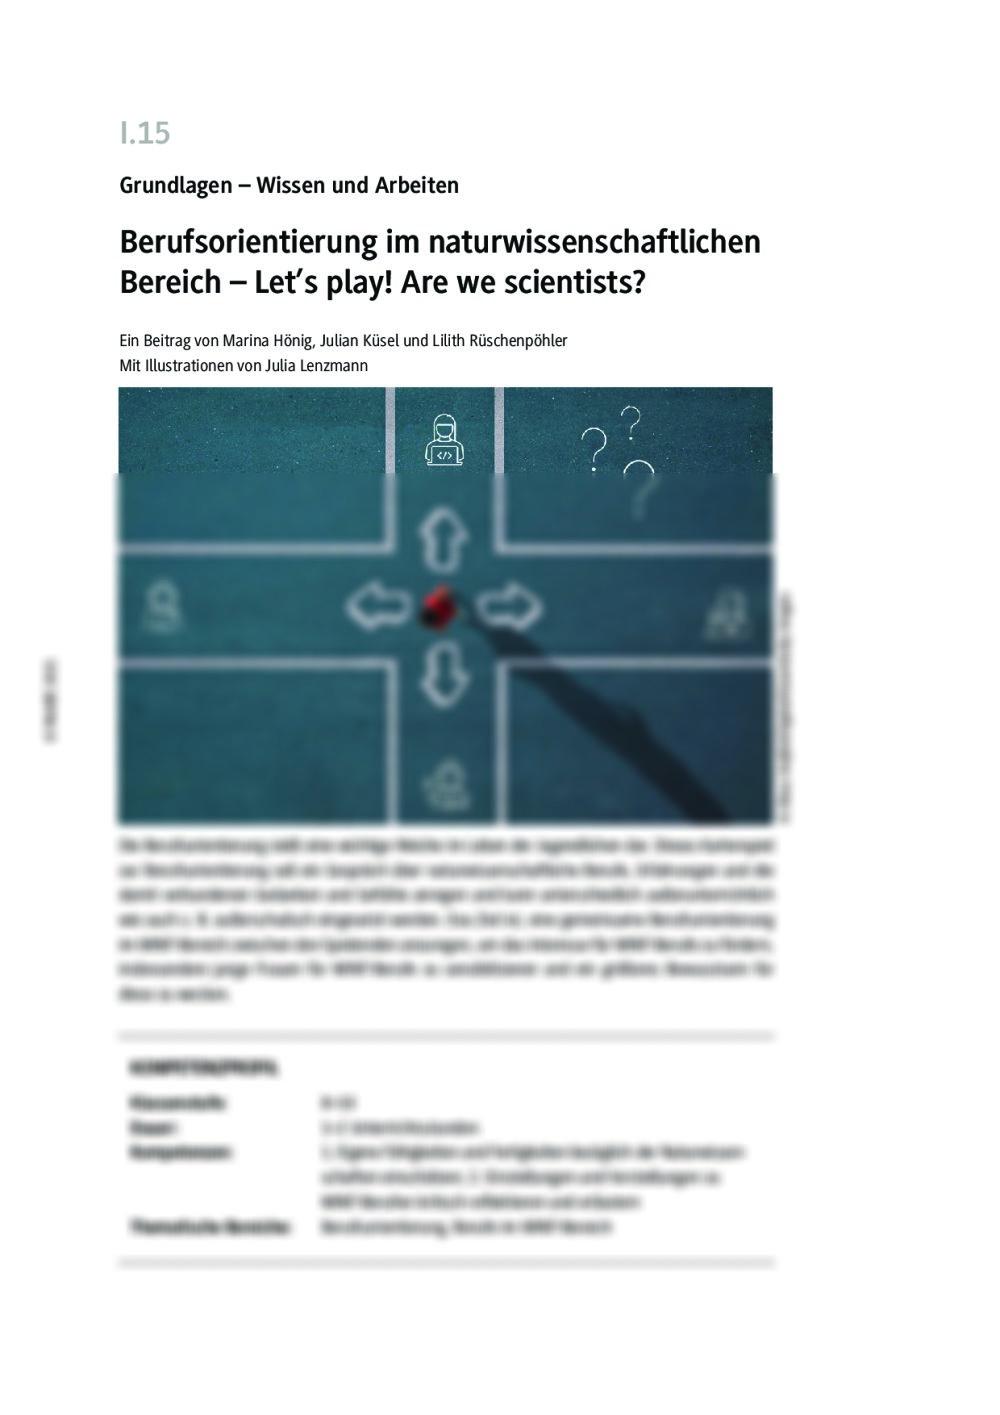 Berufsorientierung im naturwissenschaftlichen Bereich - Seite 1